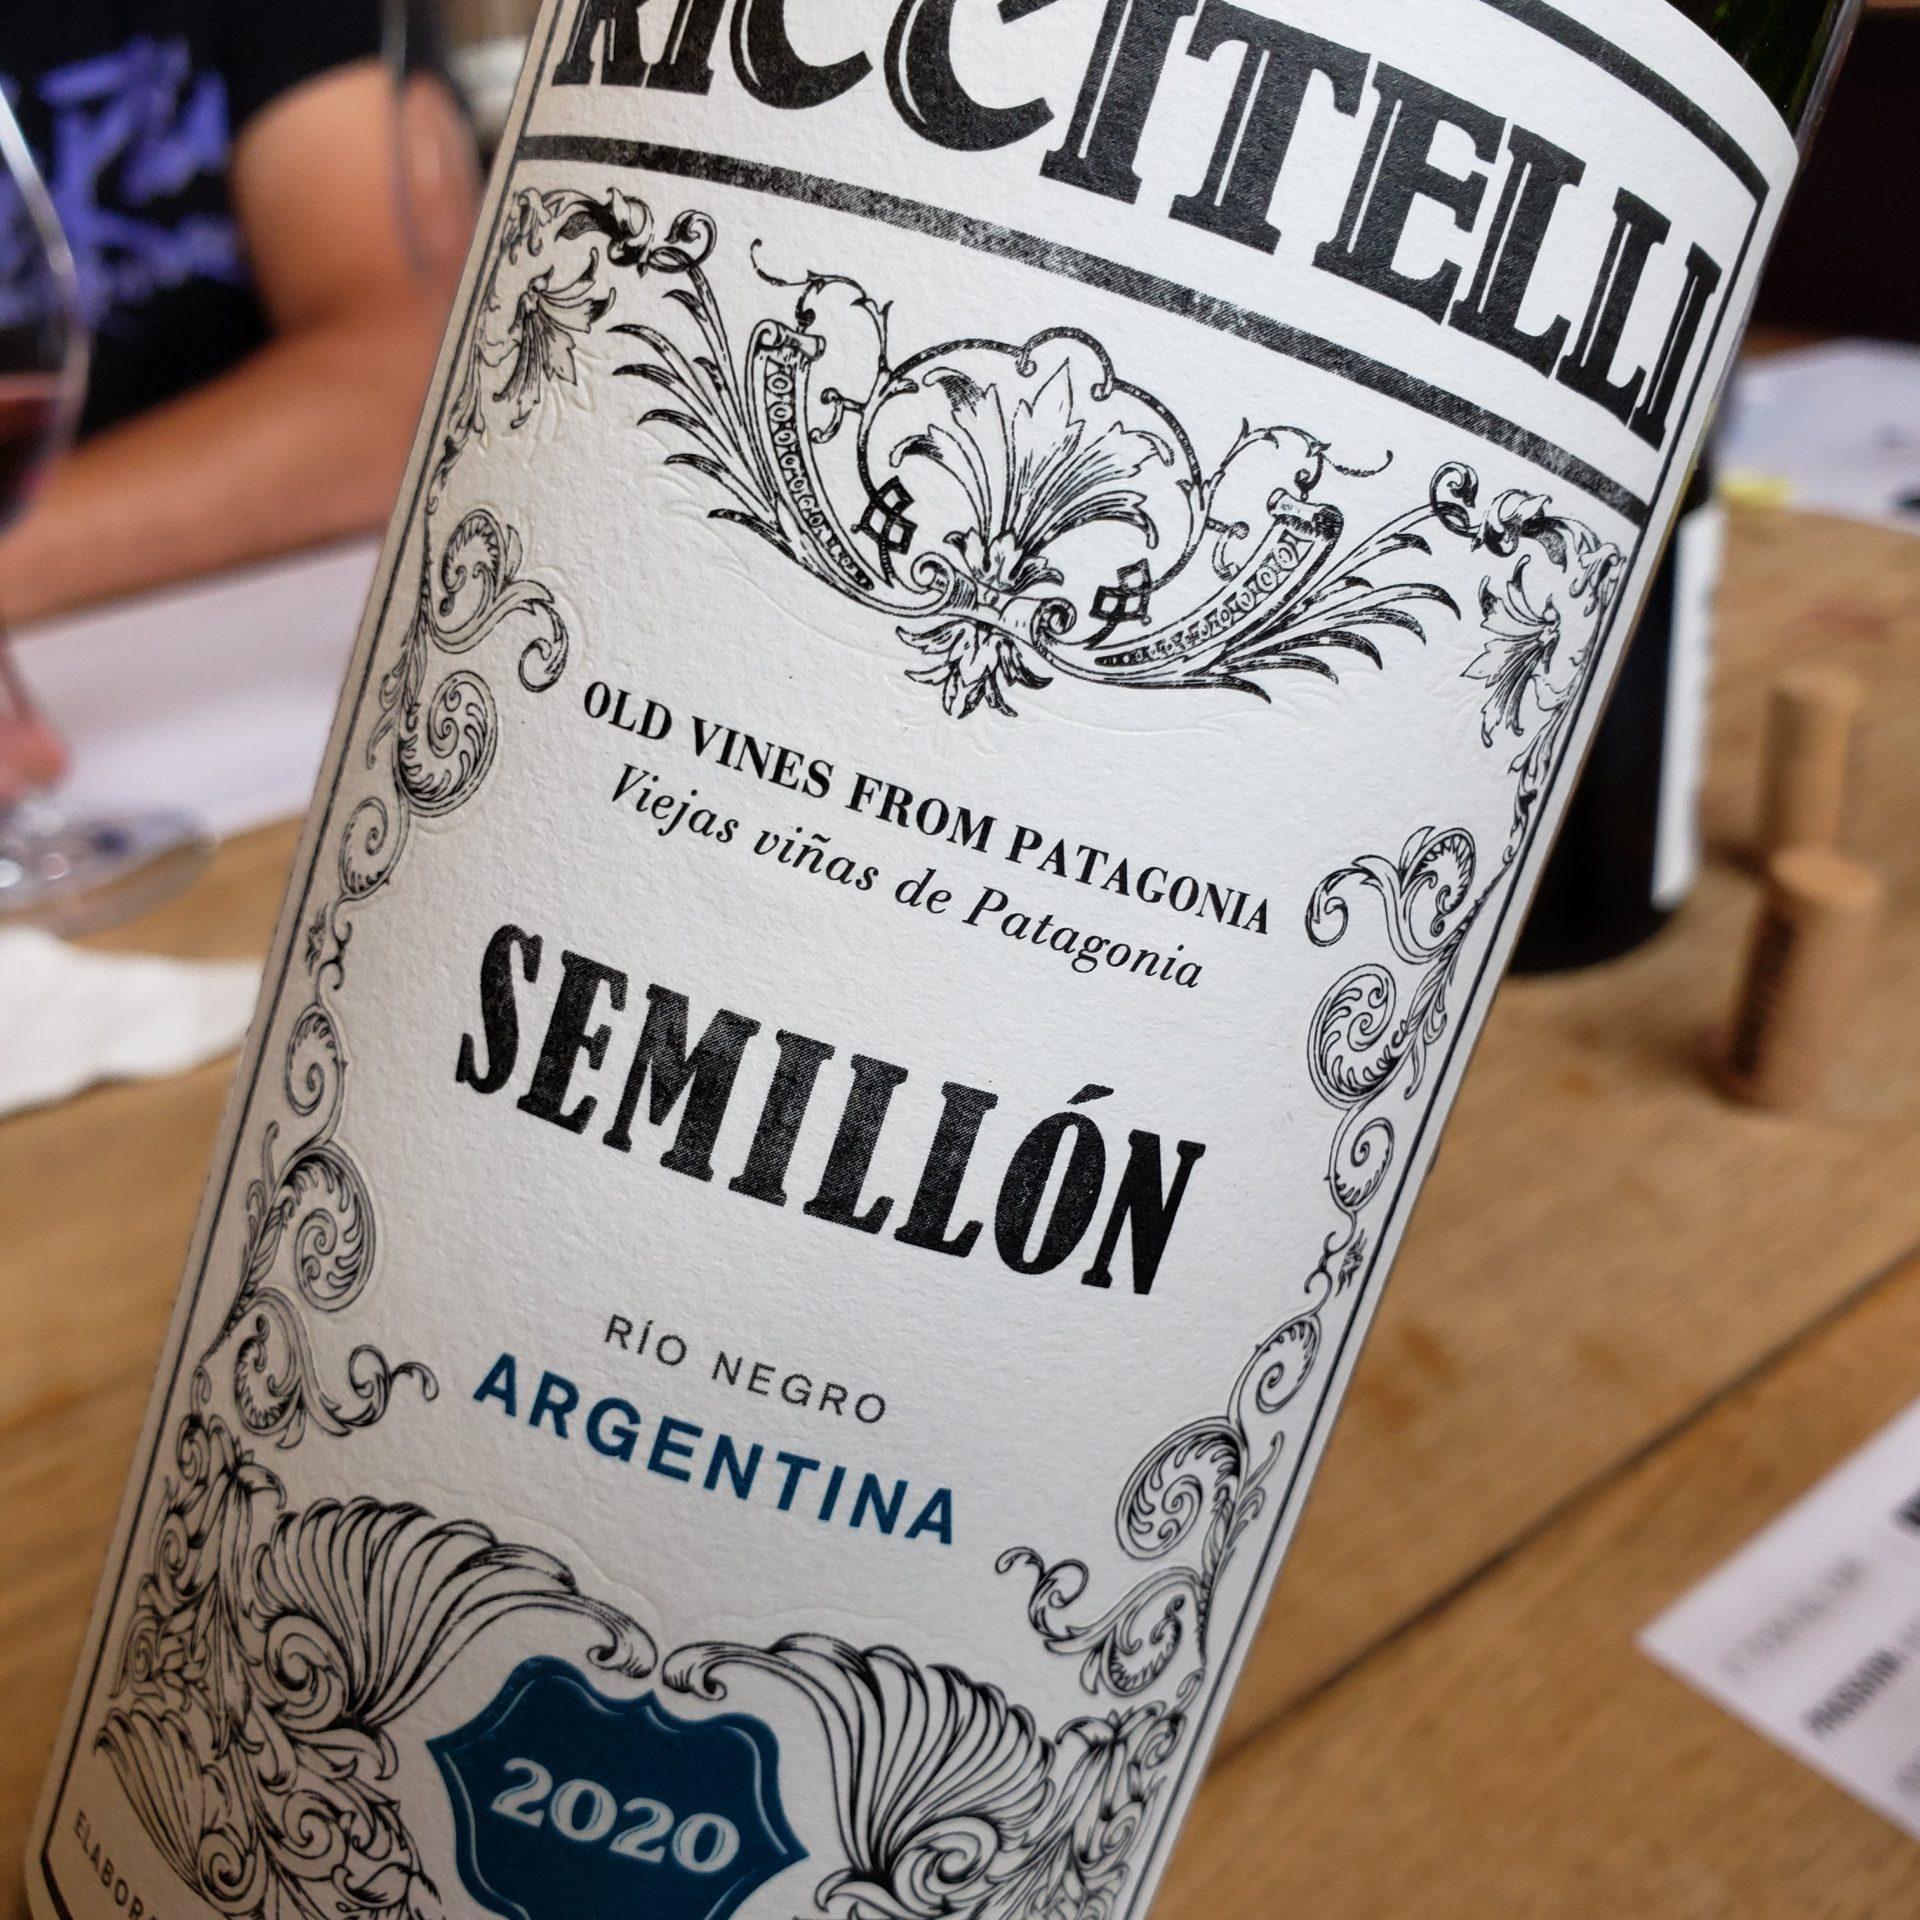 Riccitelli Bistró - Riccitelli Wines - Matías Riccitelli - Riccitelli Old Vines From Patagonia Semillón 2020